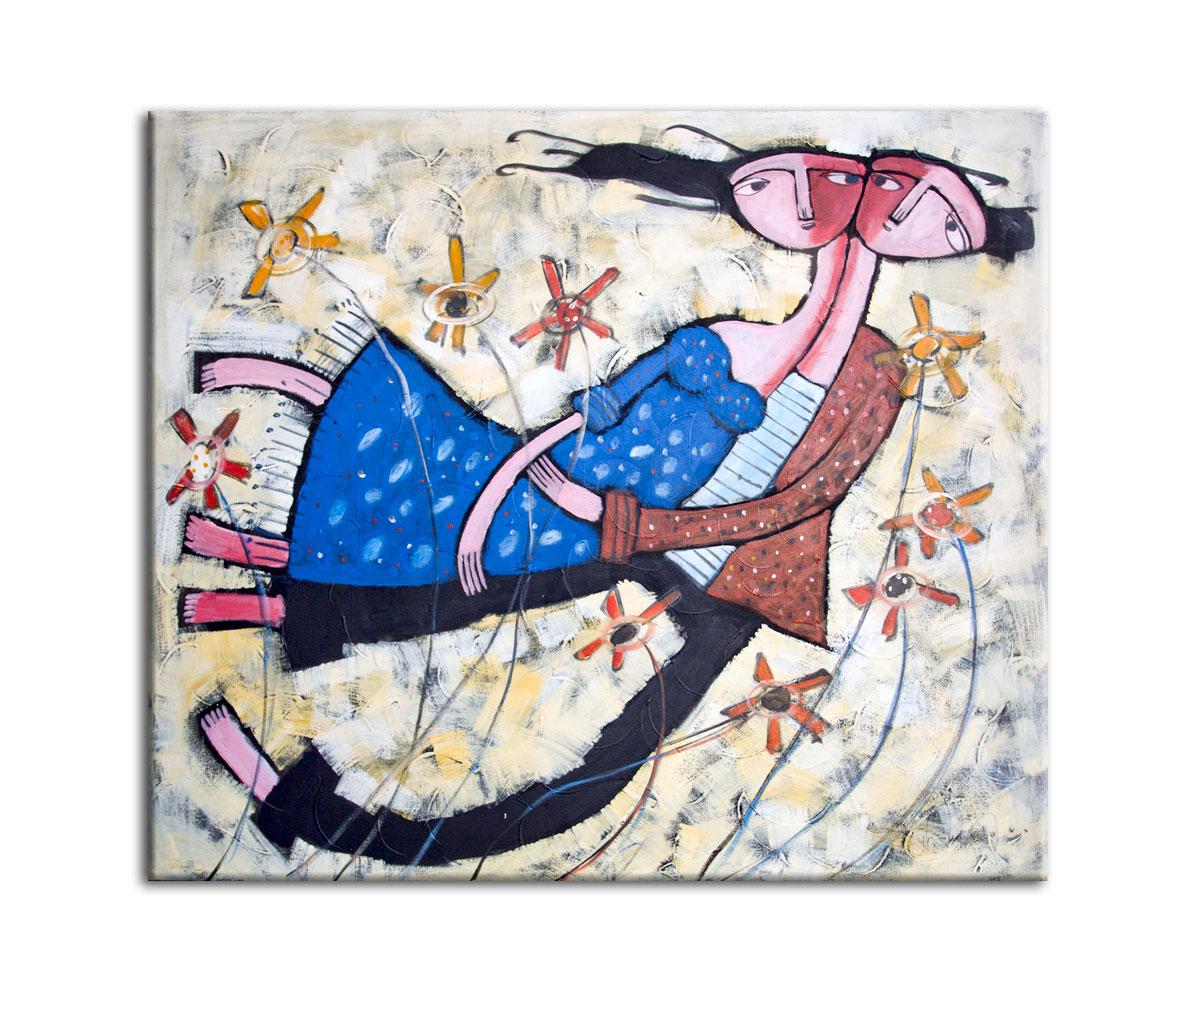 Картина Полет ШагалаКартины<br>Авторская копия картины балийского художника KM Alit с декоративной фактурной обработкой&amp;lt;div&amp;gt;&amp;lt;br&amp;gt;&amp;lt;/div&amp;gt;&amp;lt;div&amp;gt;Материал: натуральный холст, деревянный подрамник, лак,итальянский фактурный гель&amp;lt;br&amp;gt;&amp;lt;/div&amp;gt;<br><br>Material: Холст<br>Width см: 55<br>Depth см: 3<br>Height см: 50